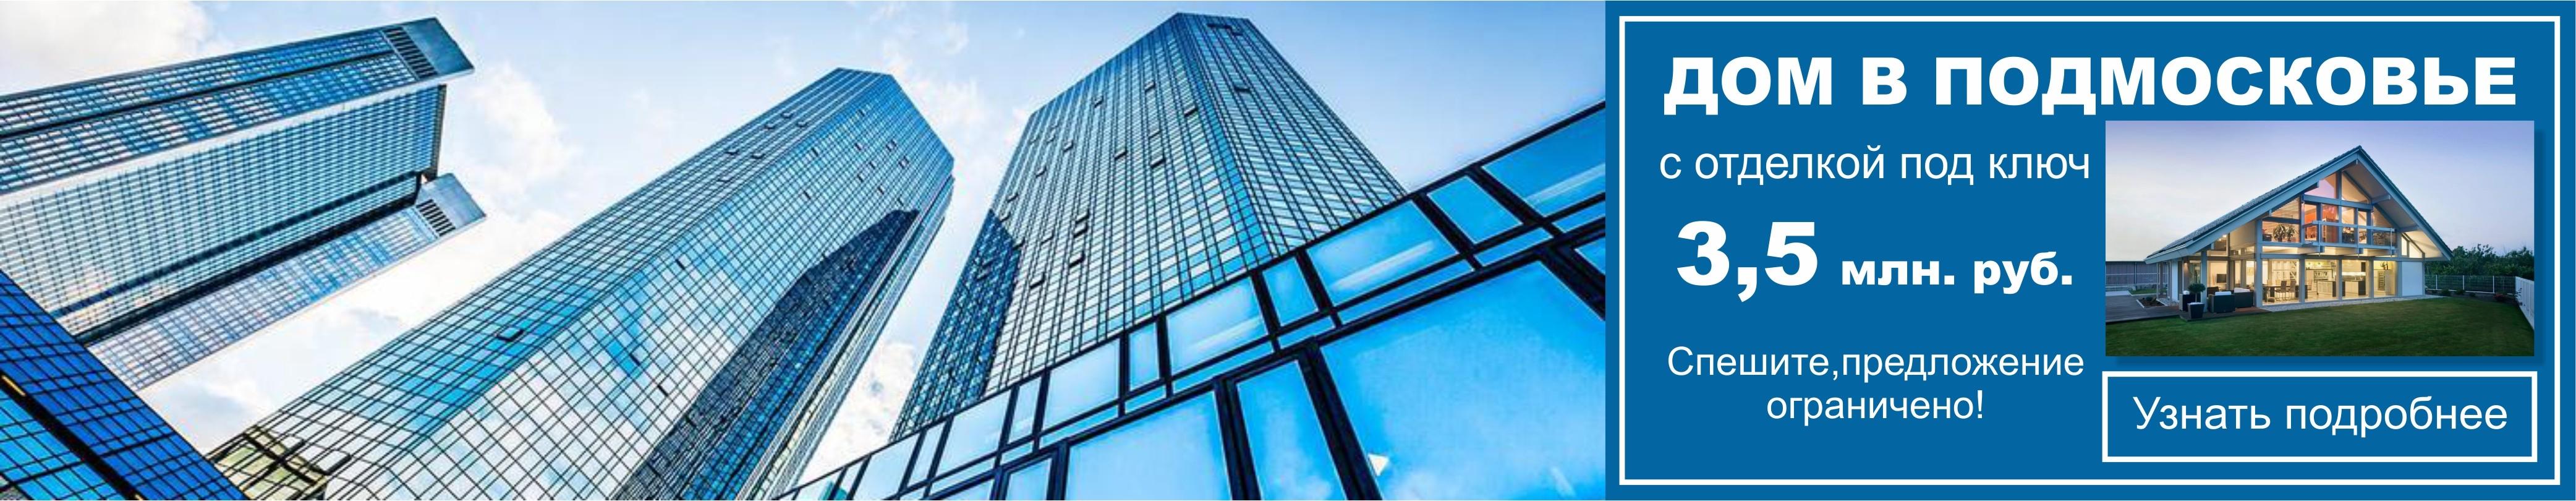 Агентство недвижимости в Москве